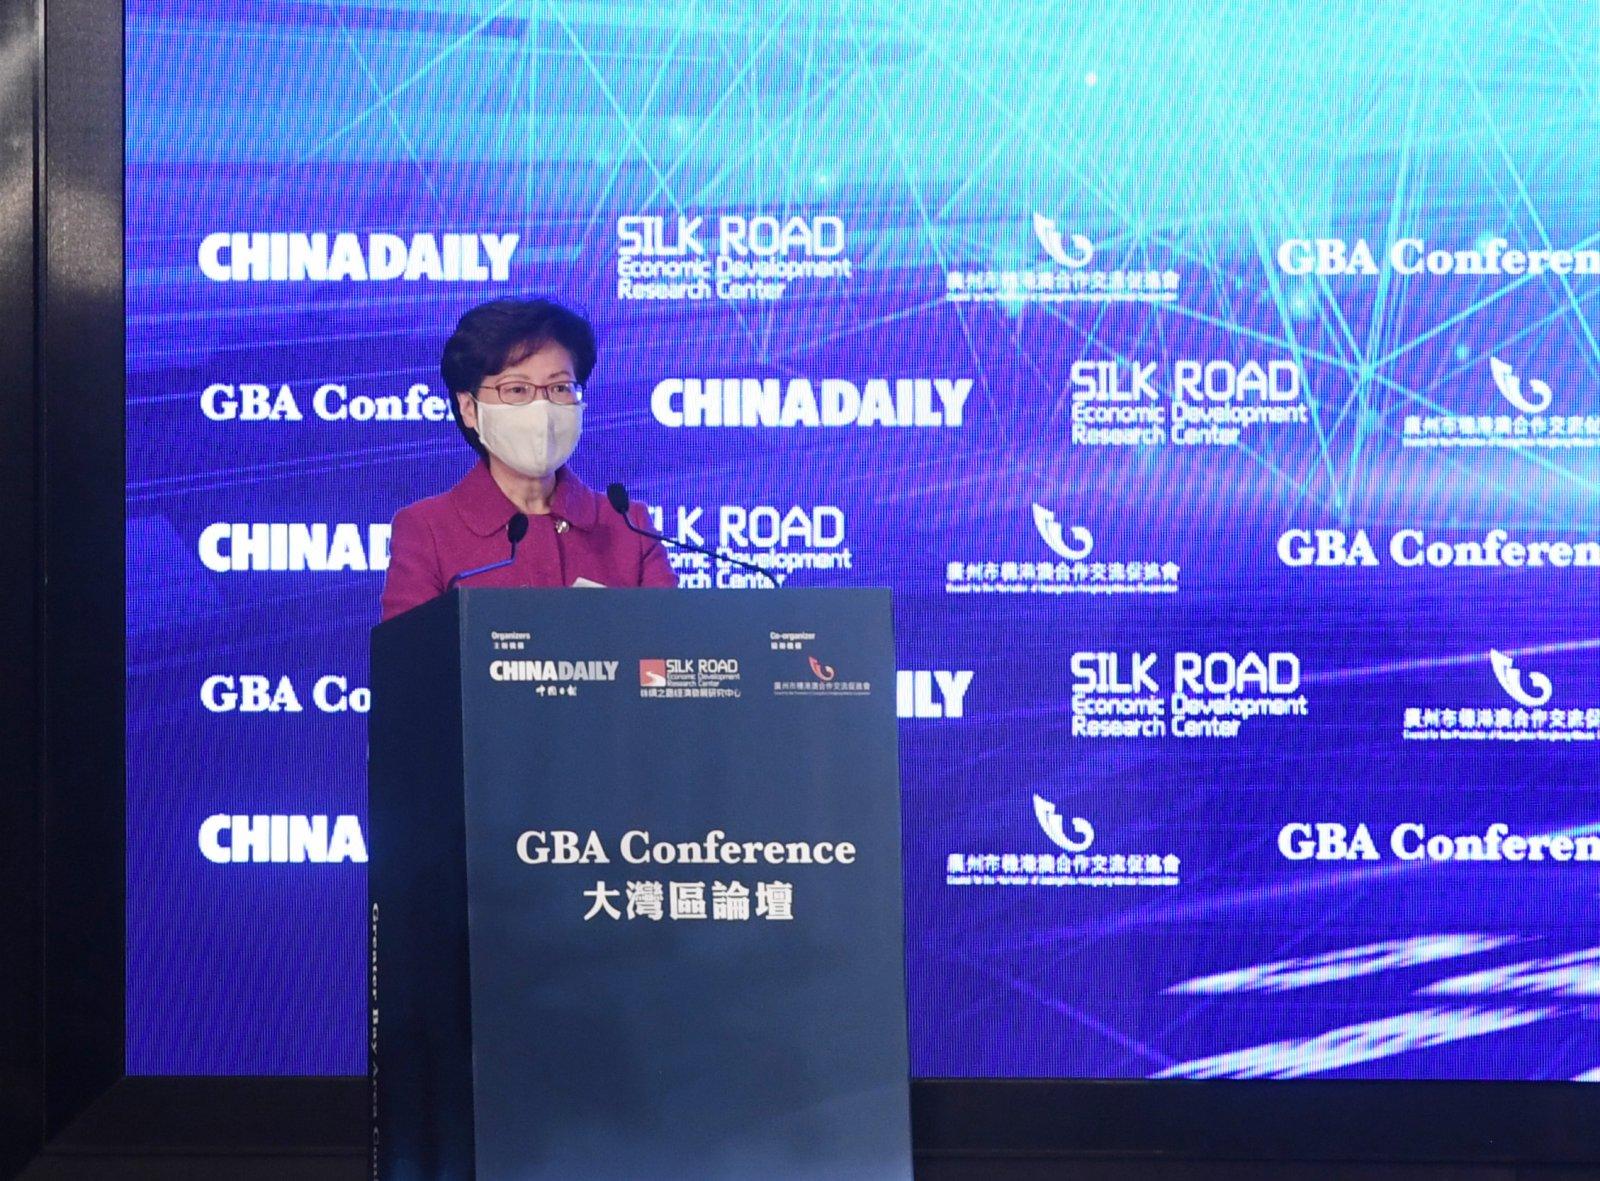 香港特別行政區行政長官林鄭月娥作主旨演講。(大公報記者 攝)